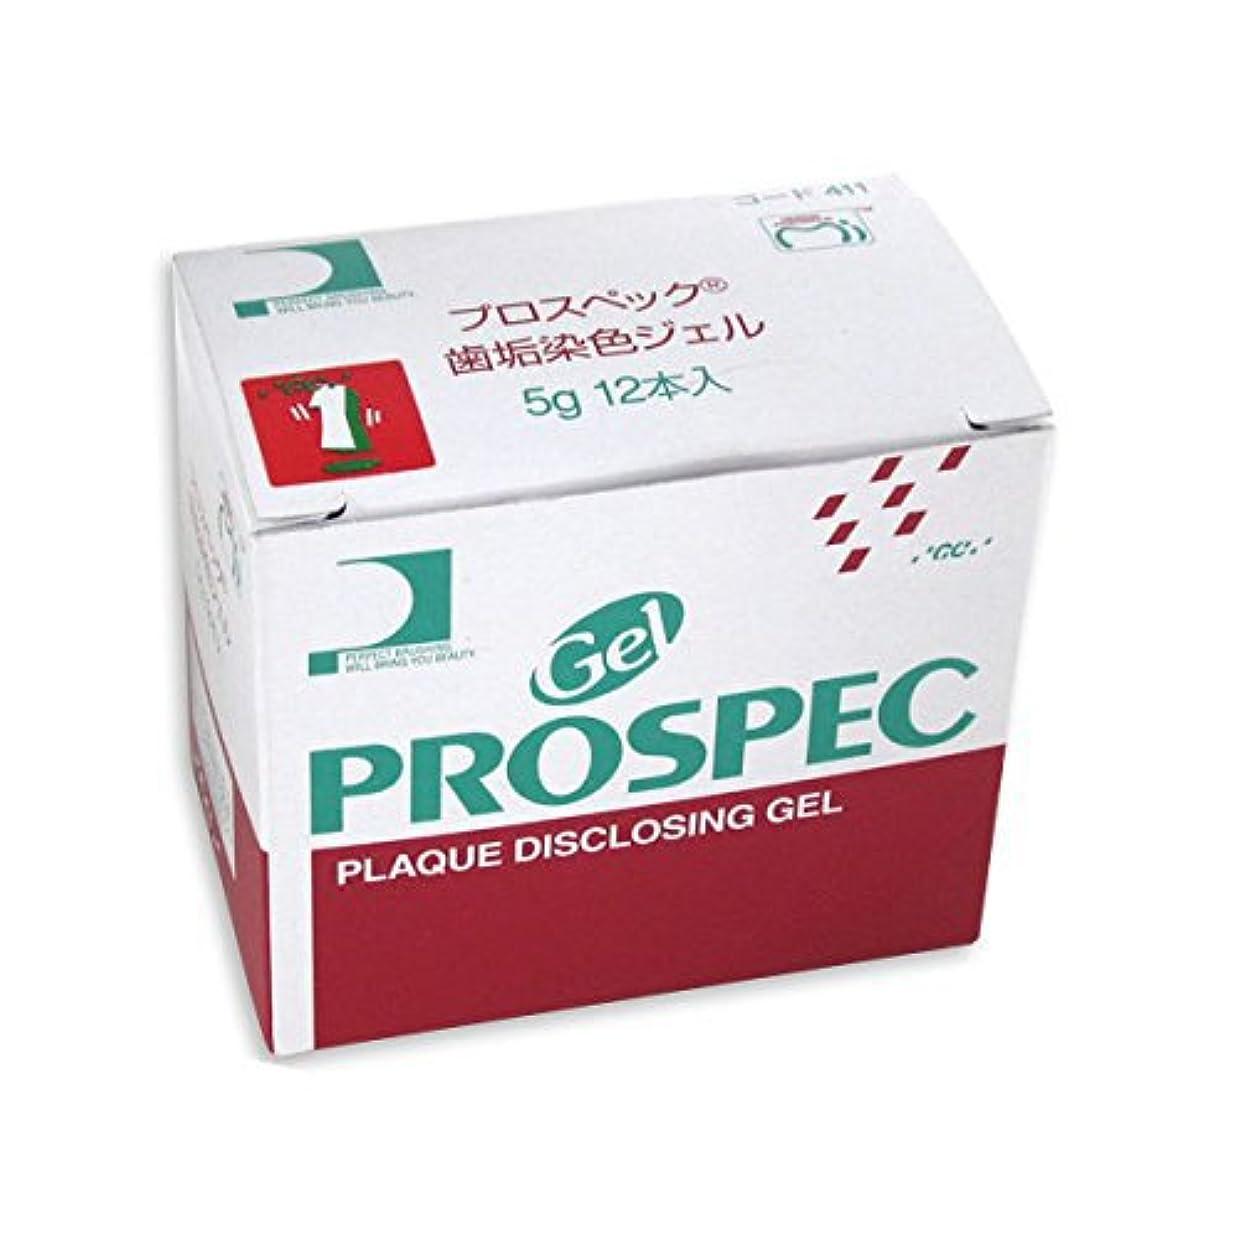 不十分荒涼とした公使館プロスペック ジーシー プロスペック 歯垢染色ジェル 5g×12個単品